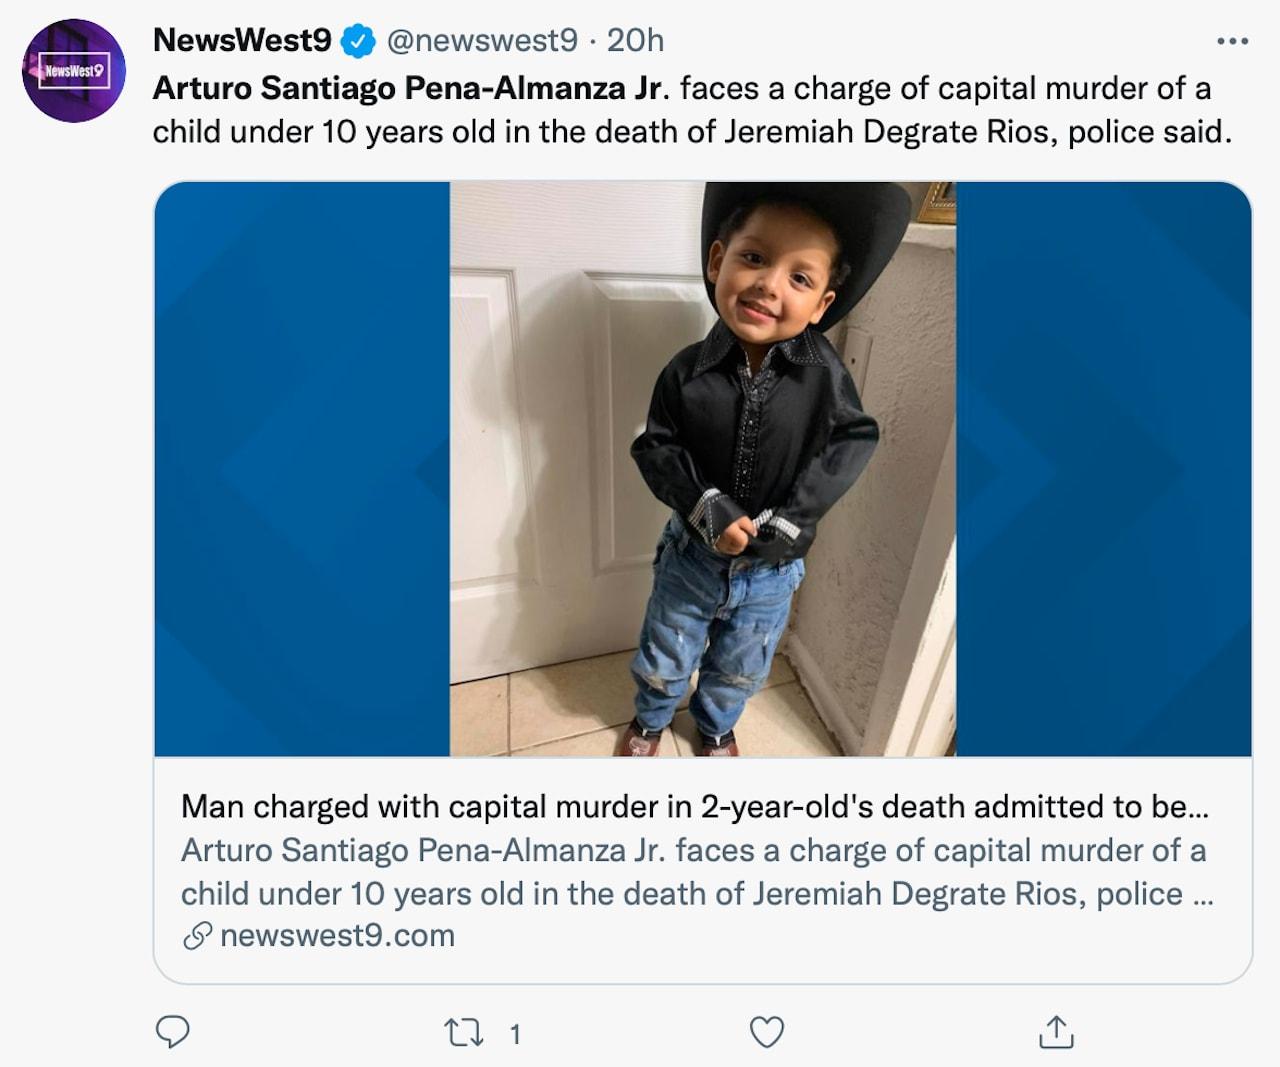 Arturo Santiago Peña Almanza Jr. salió de la casa cargando al niño